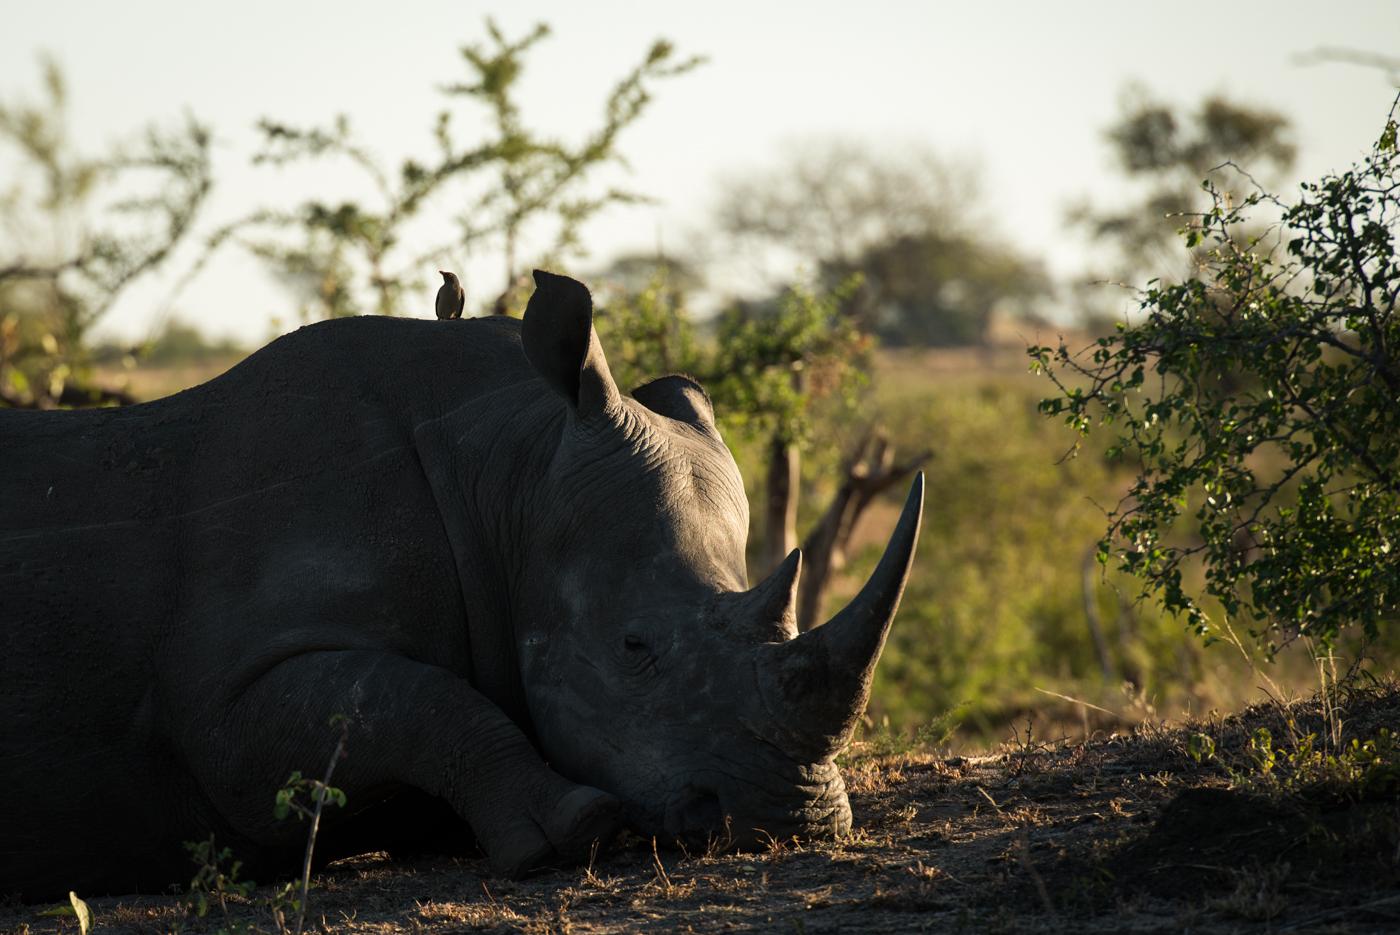 rhino, oxpecker, SC